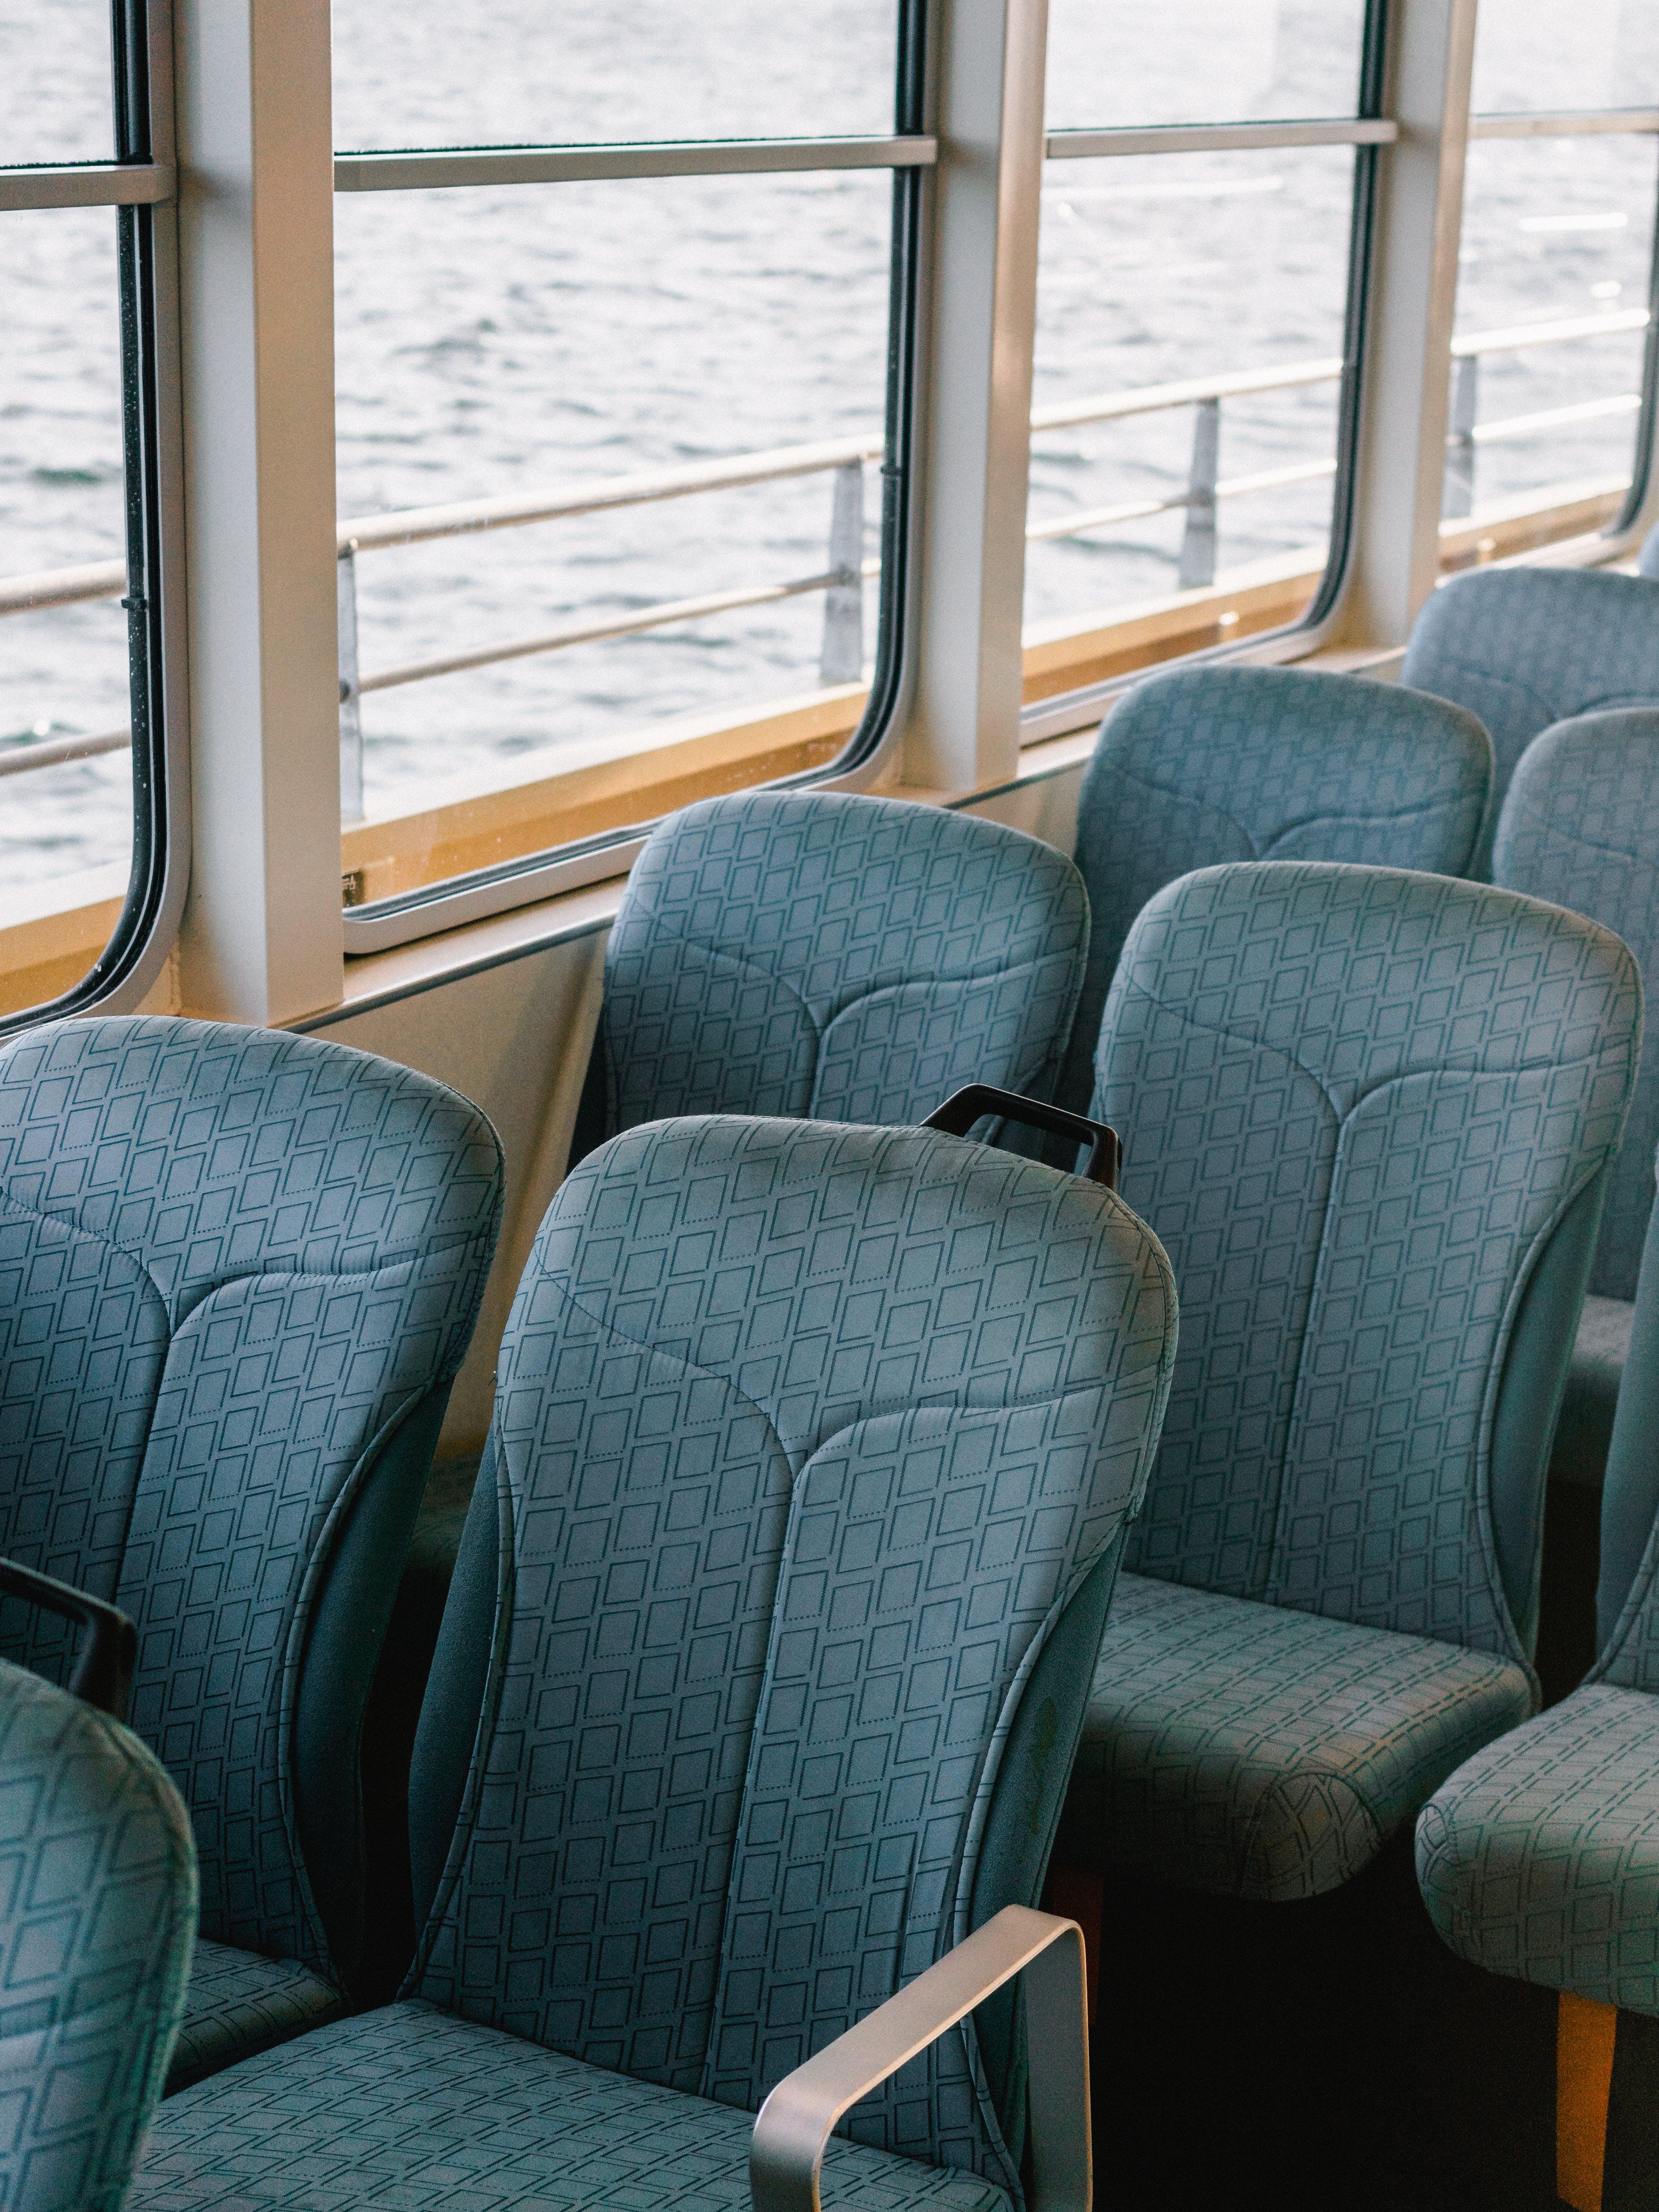 Foto profissional grátis de assentos, dentro, esvaziar, transporte público